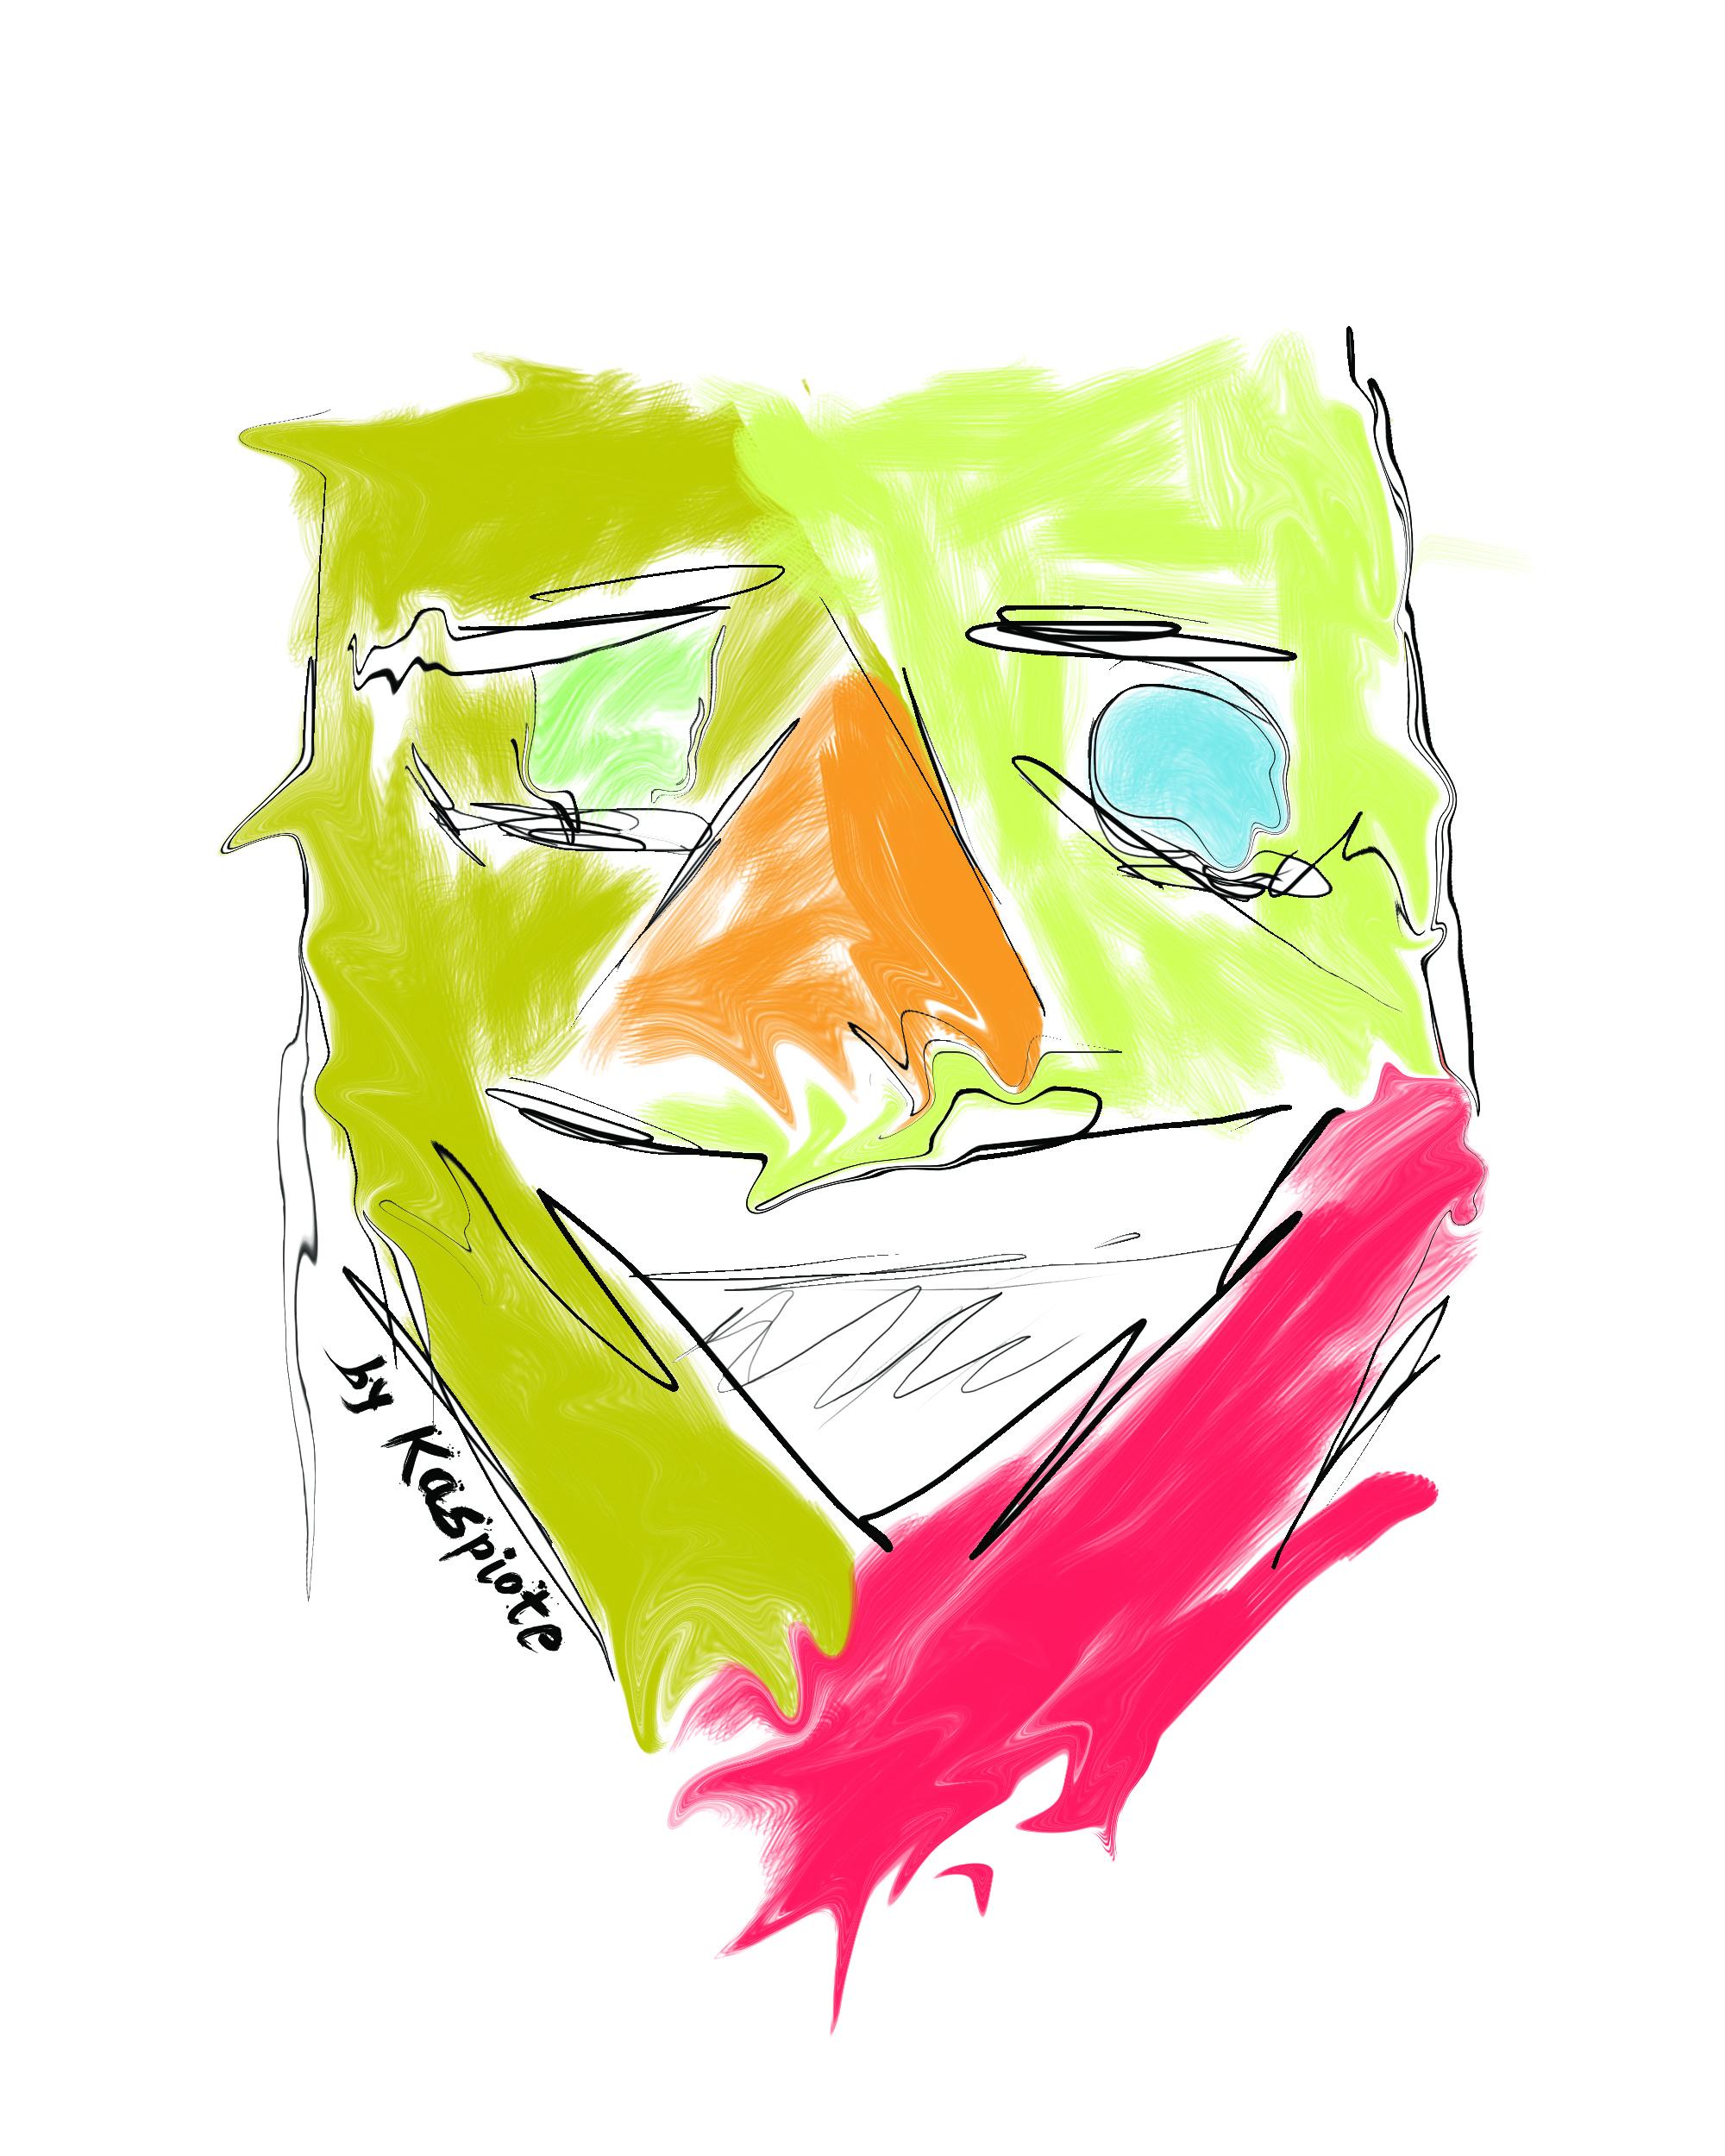 facecolour-kaspiotestylewater-artwork.jpg